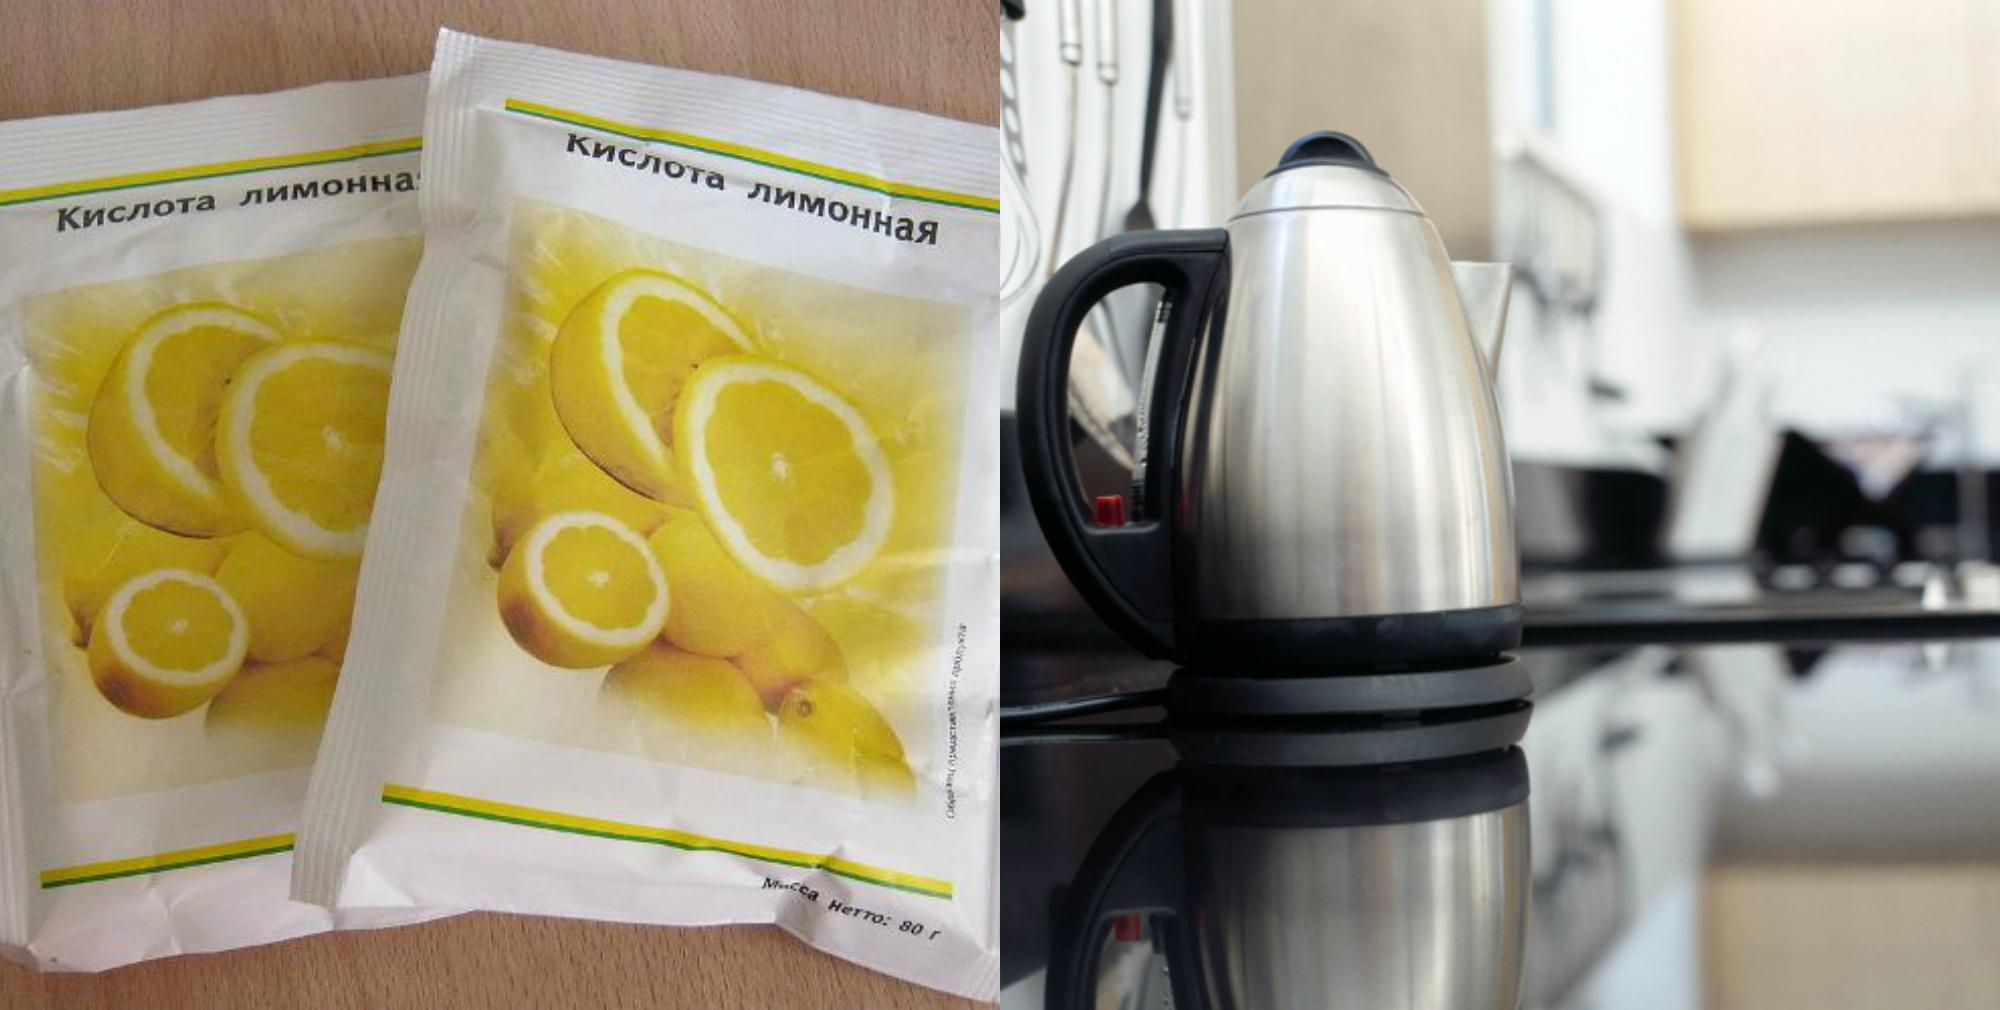 Удаления накипи чайник в домашних условиях